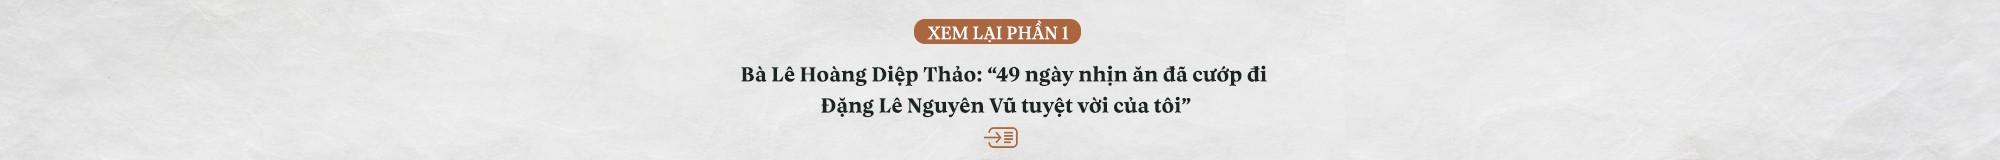 """Vợ vua cà phê Đặng Lê Nguyên Vũ: """"Tôi và các con sẽ luôn chờ anh ấy quay về, kể cả khi tay trắng…"""" - Ảnh 1."""